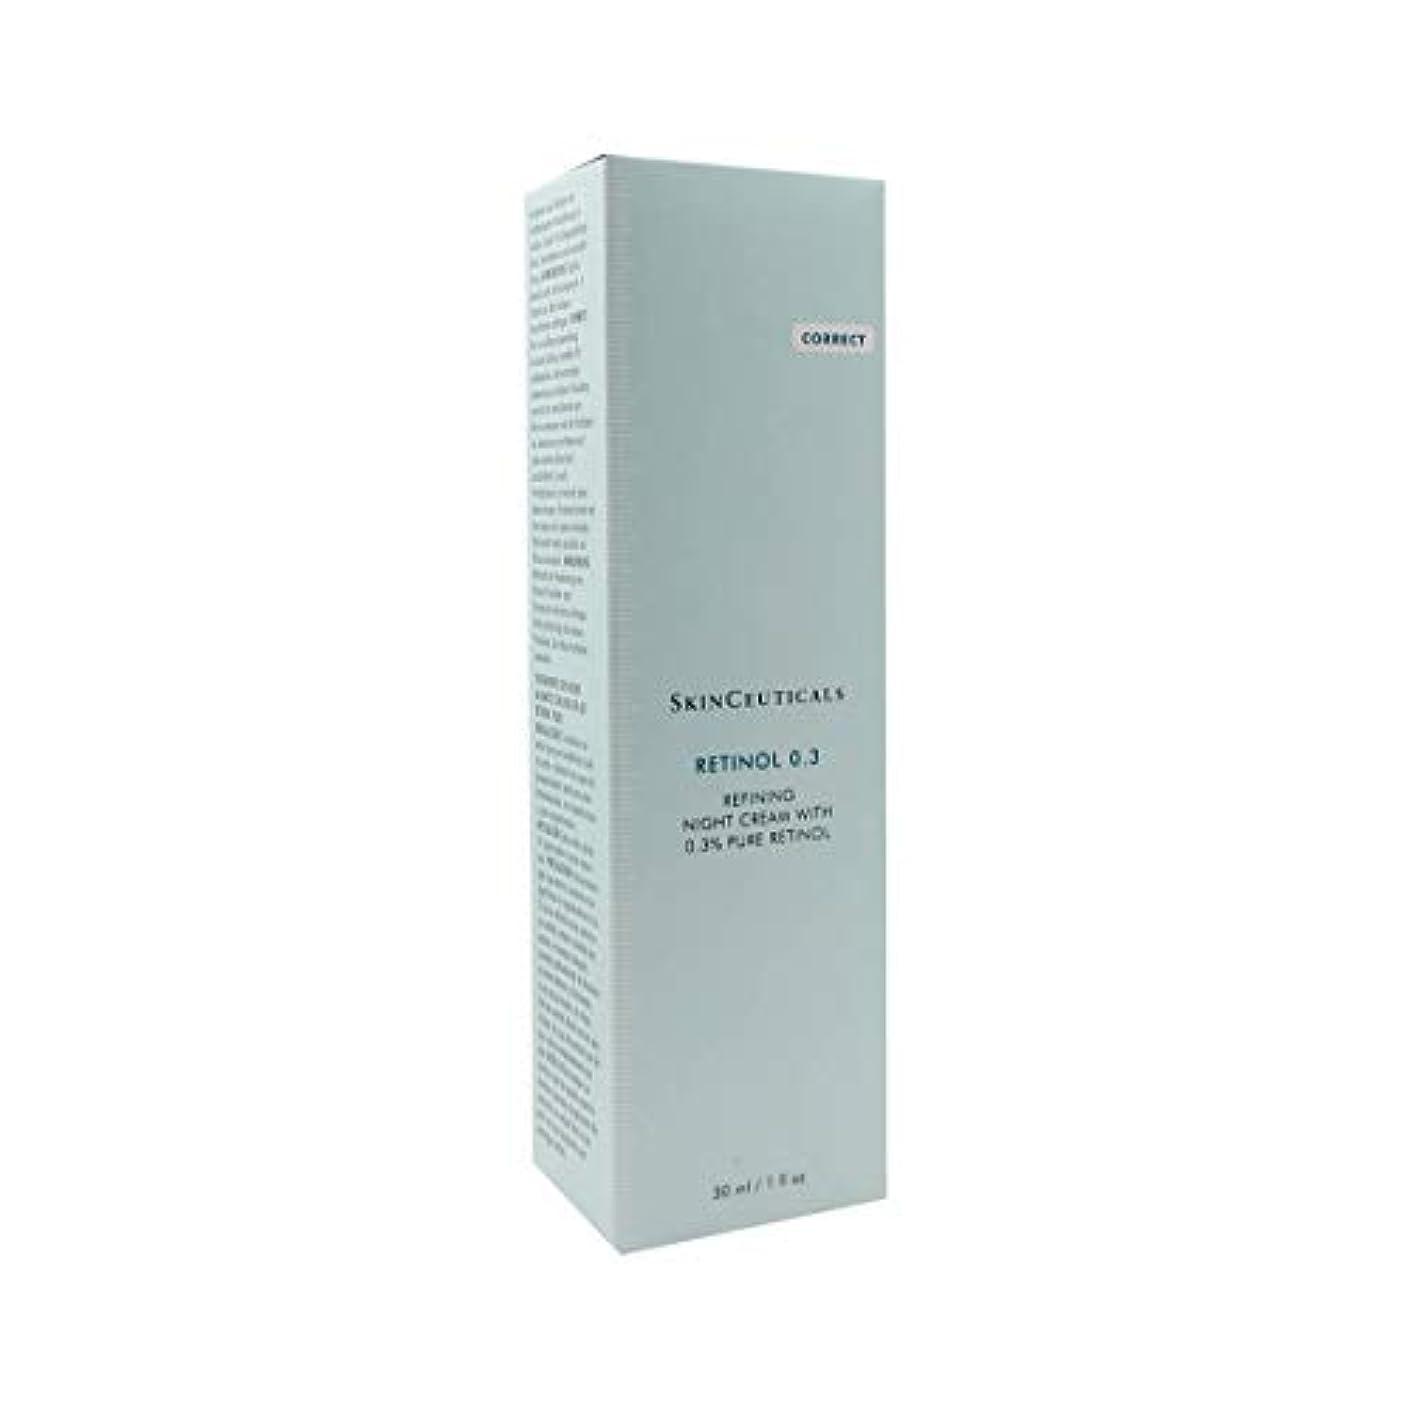 弾丸ランデブー輪郭Skinceuticals Correct Retinol 0.3 30ml [並行輸入品]